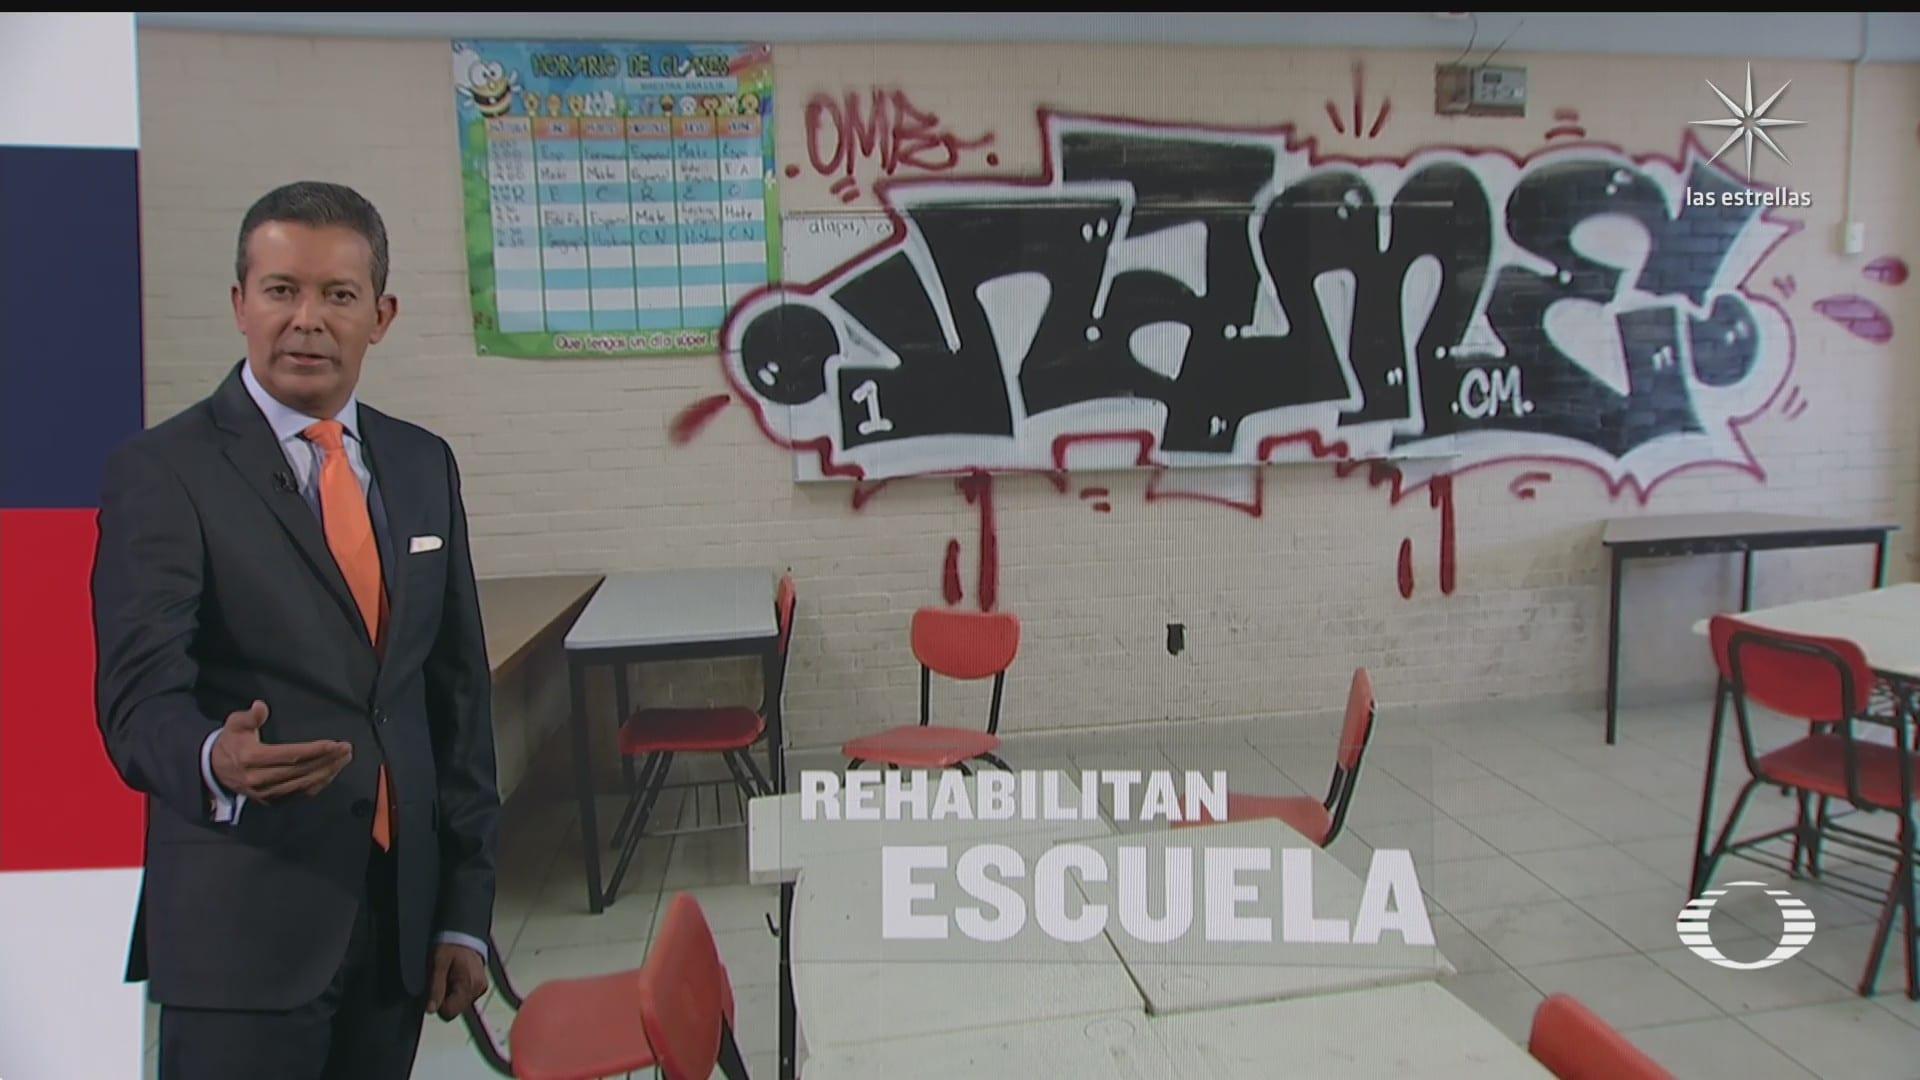 cuatro jovenes causan destrozos en escuela de la alcaldia tlalpan cdmx